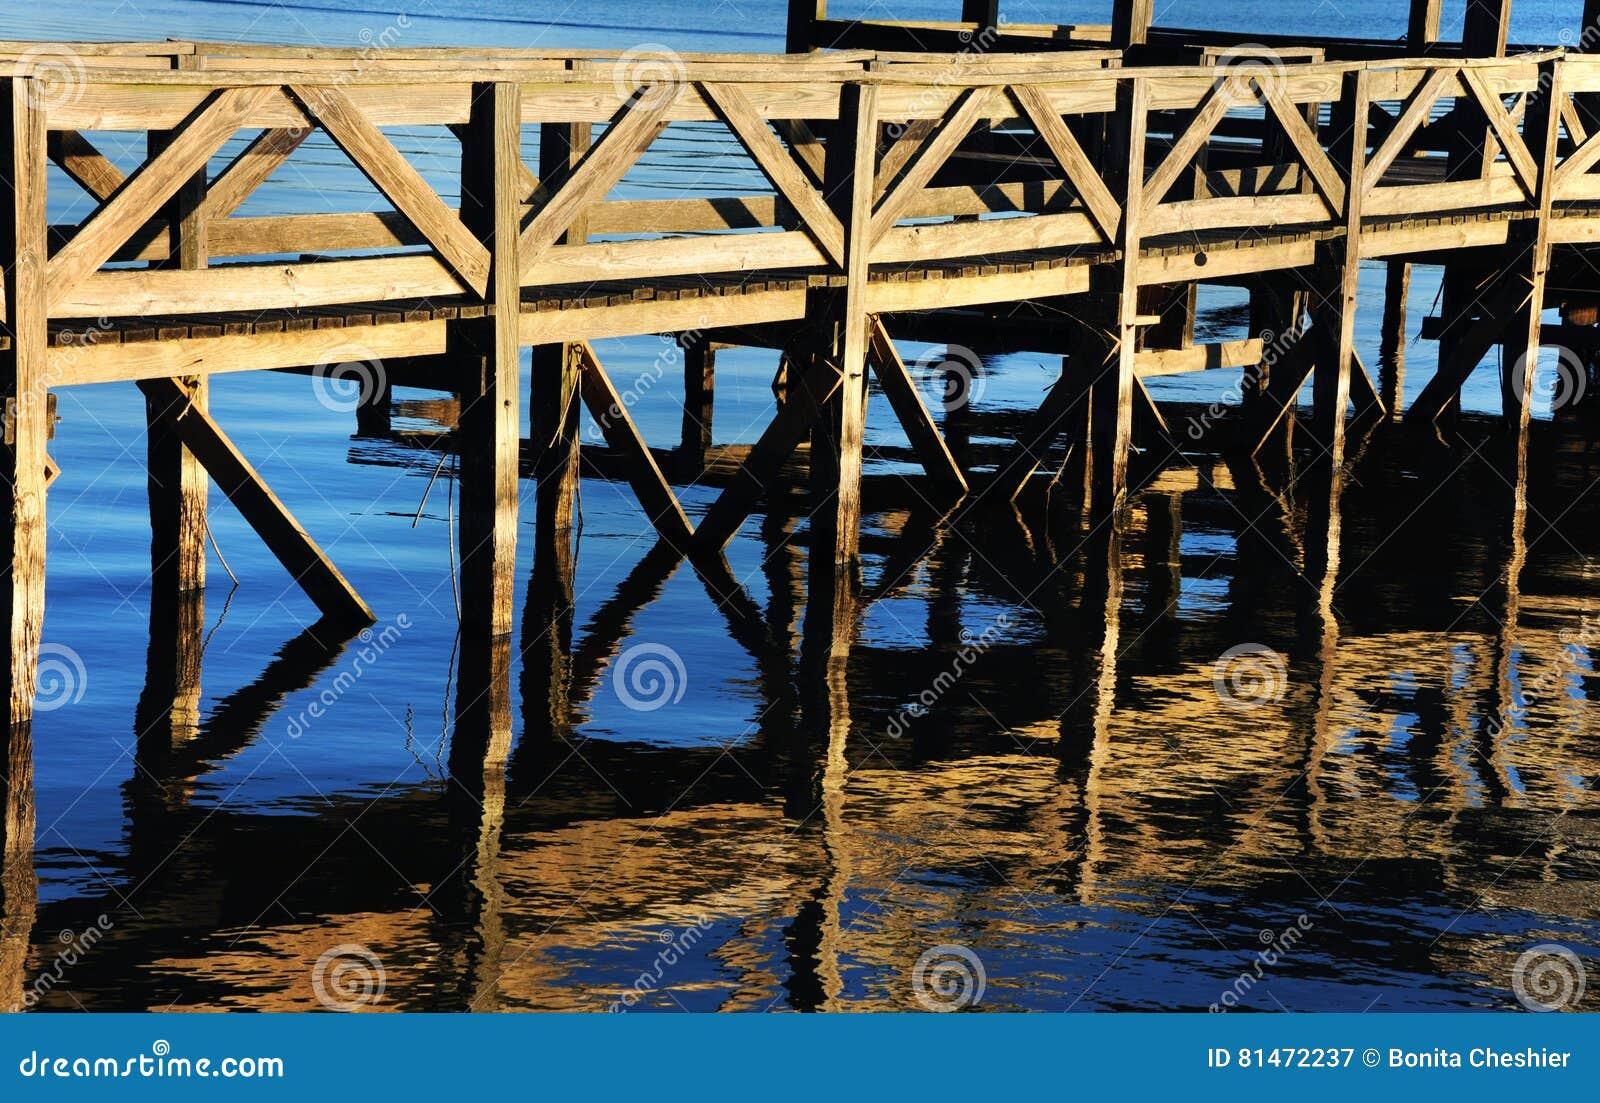 Bacino di pesca su Chicot